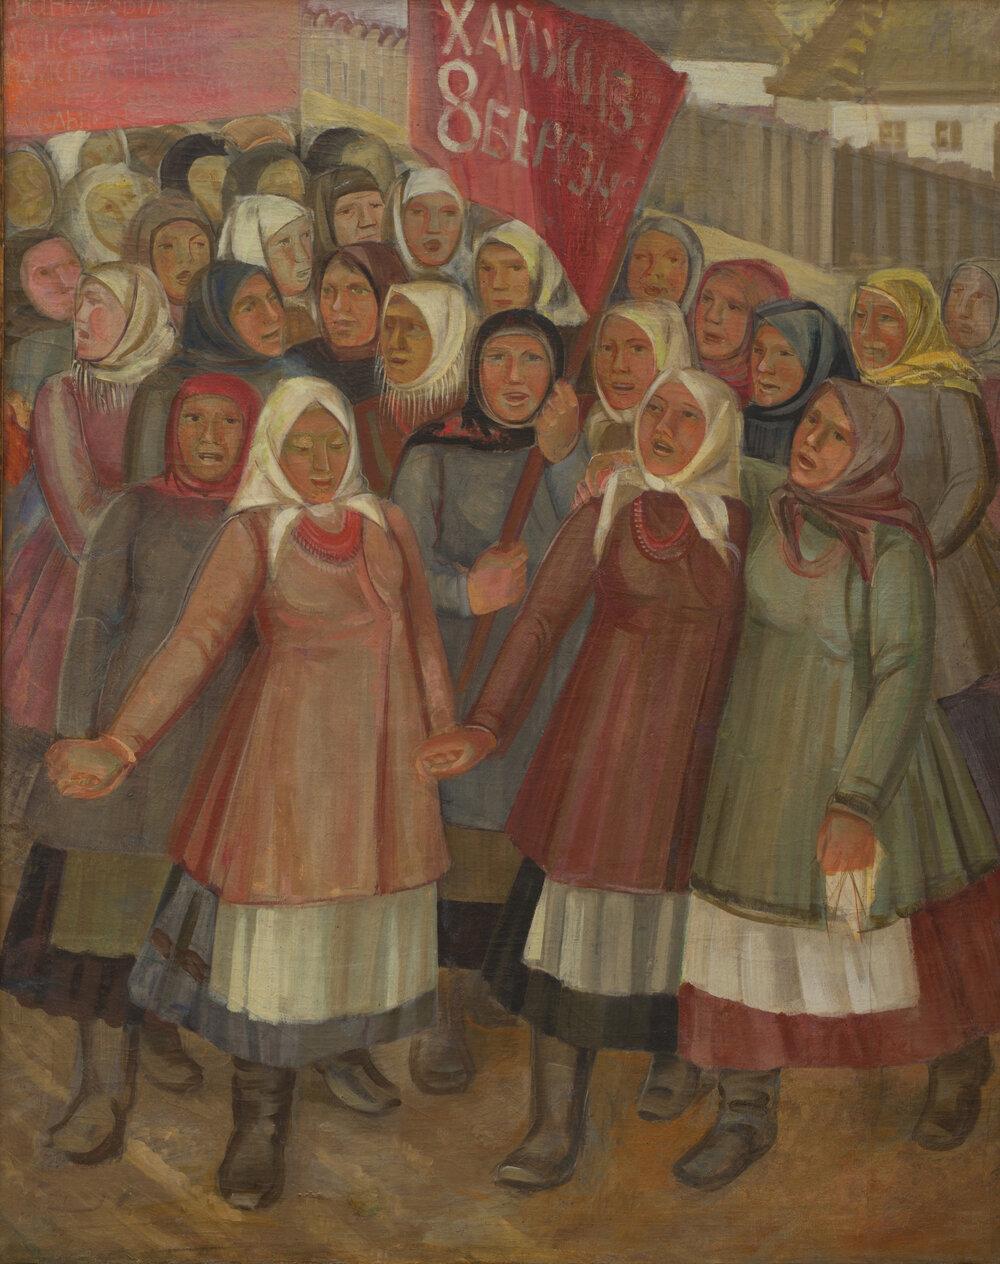 Оксана Павленко, Хай живе 8 Березня!, 1930-1931, Колекція NAMU